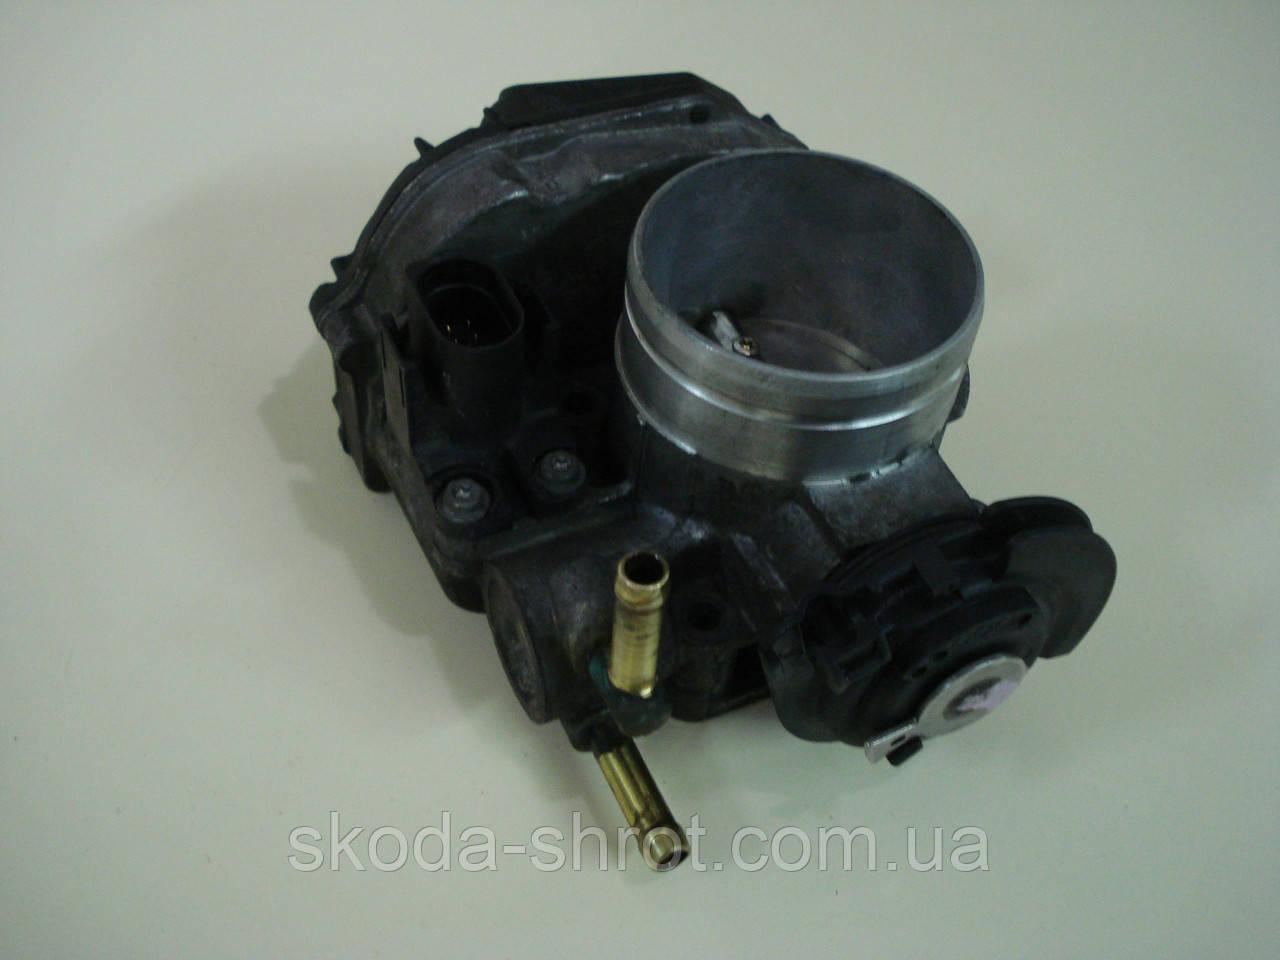 Дроссельная заслонка двигателя  AGU 1,8Т   20V